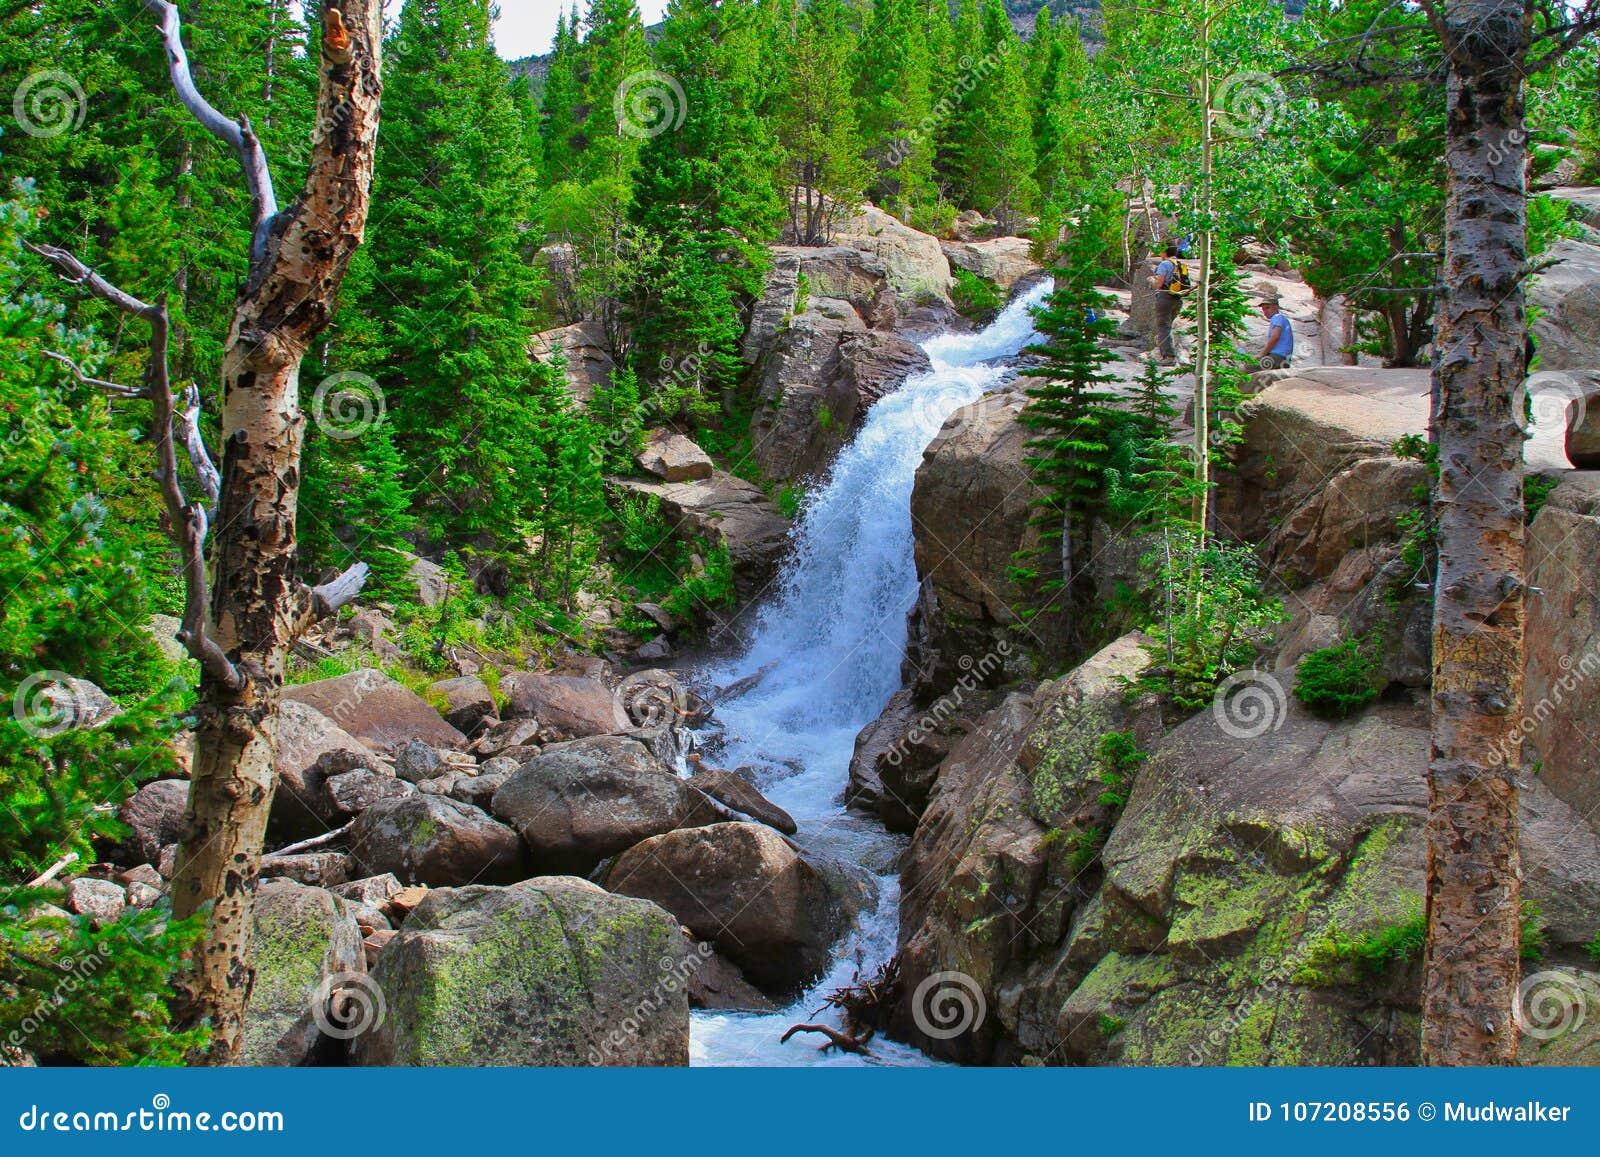 Альберта падает в национальный парк скалистой горы